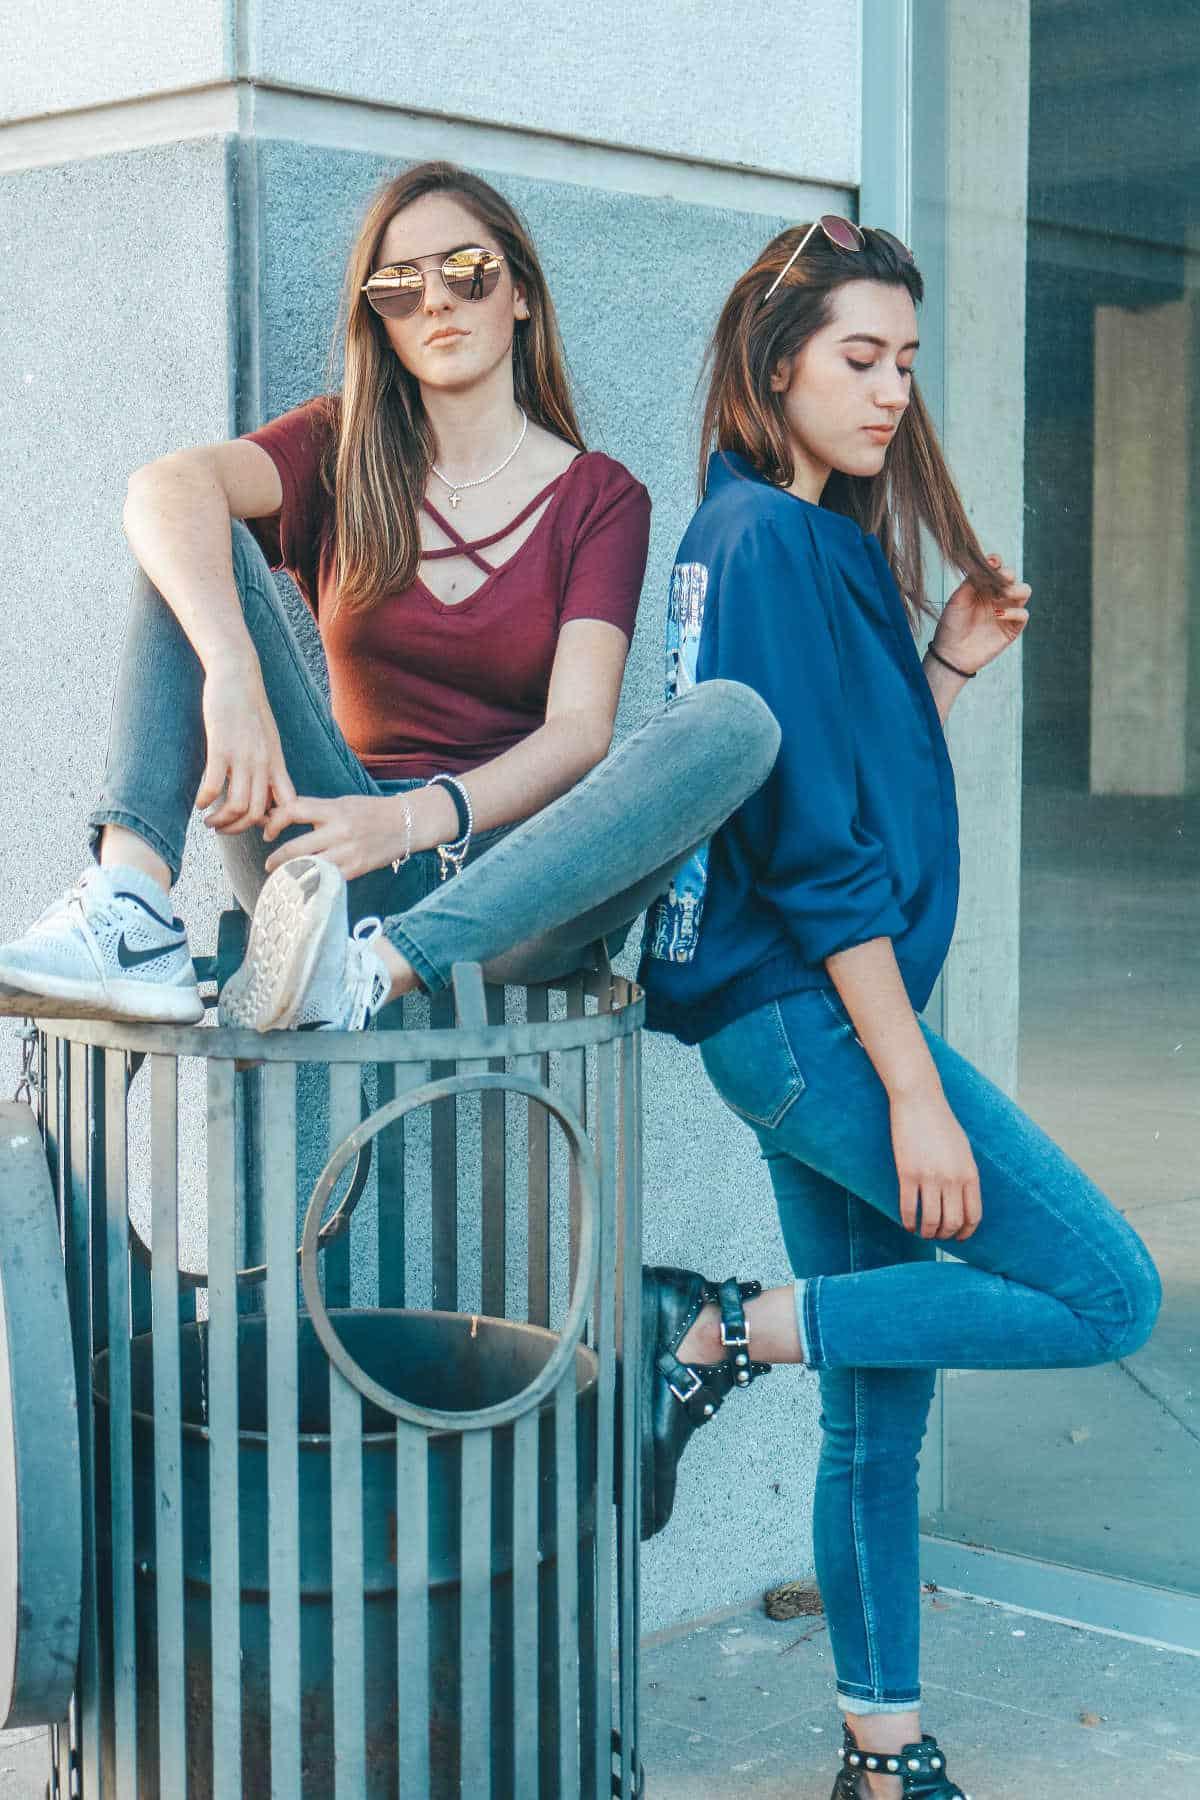 tumblr-girls